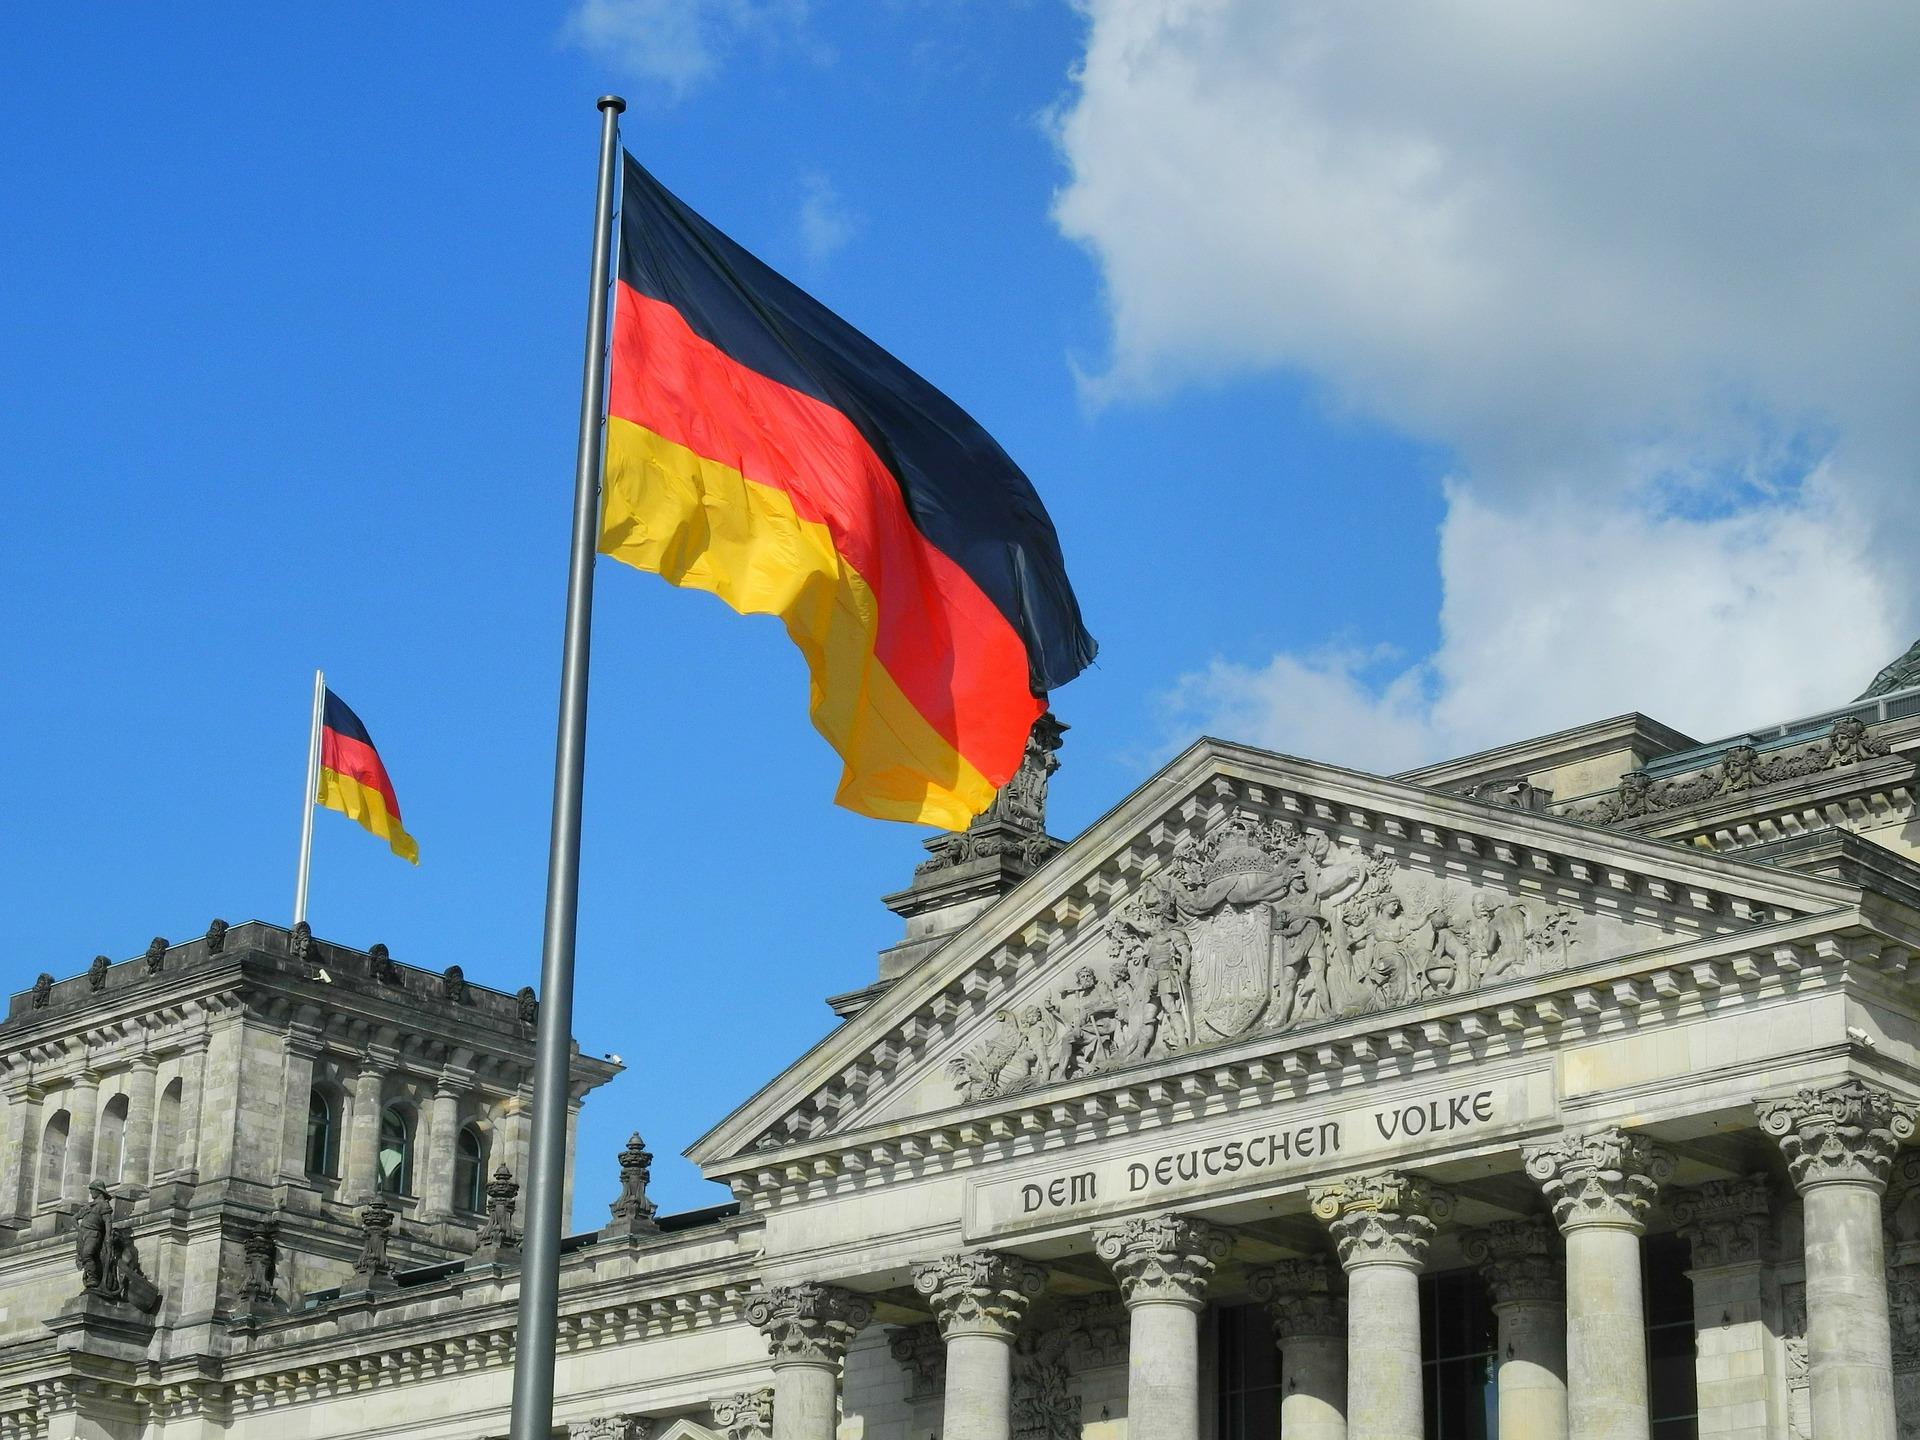 Reichstag, o Parlamento Alemão.